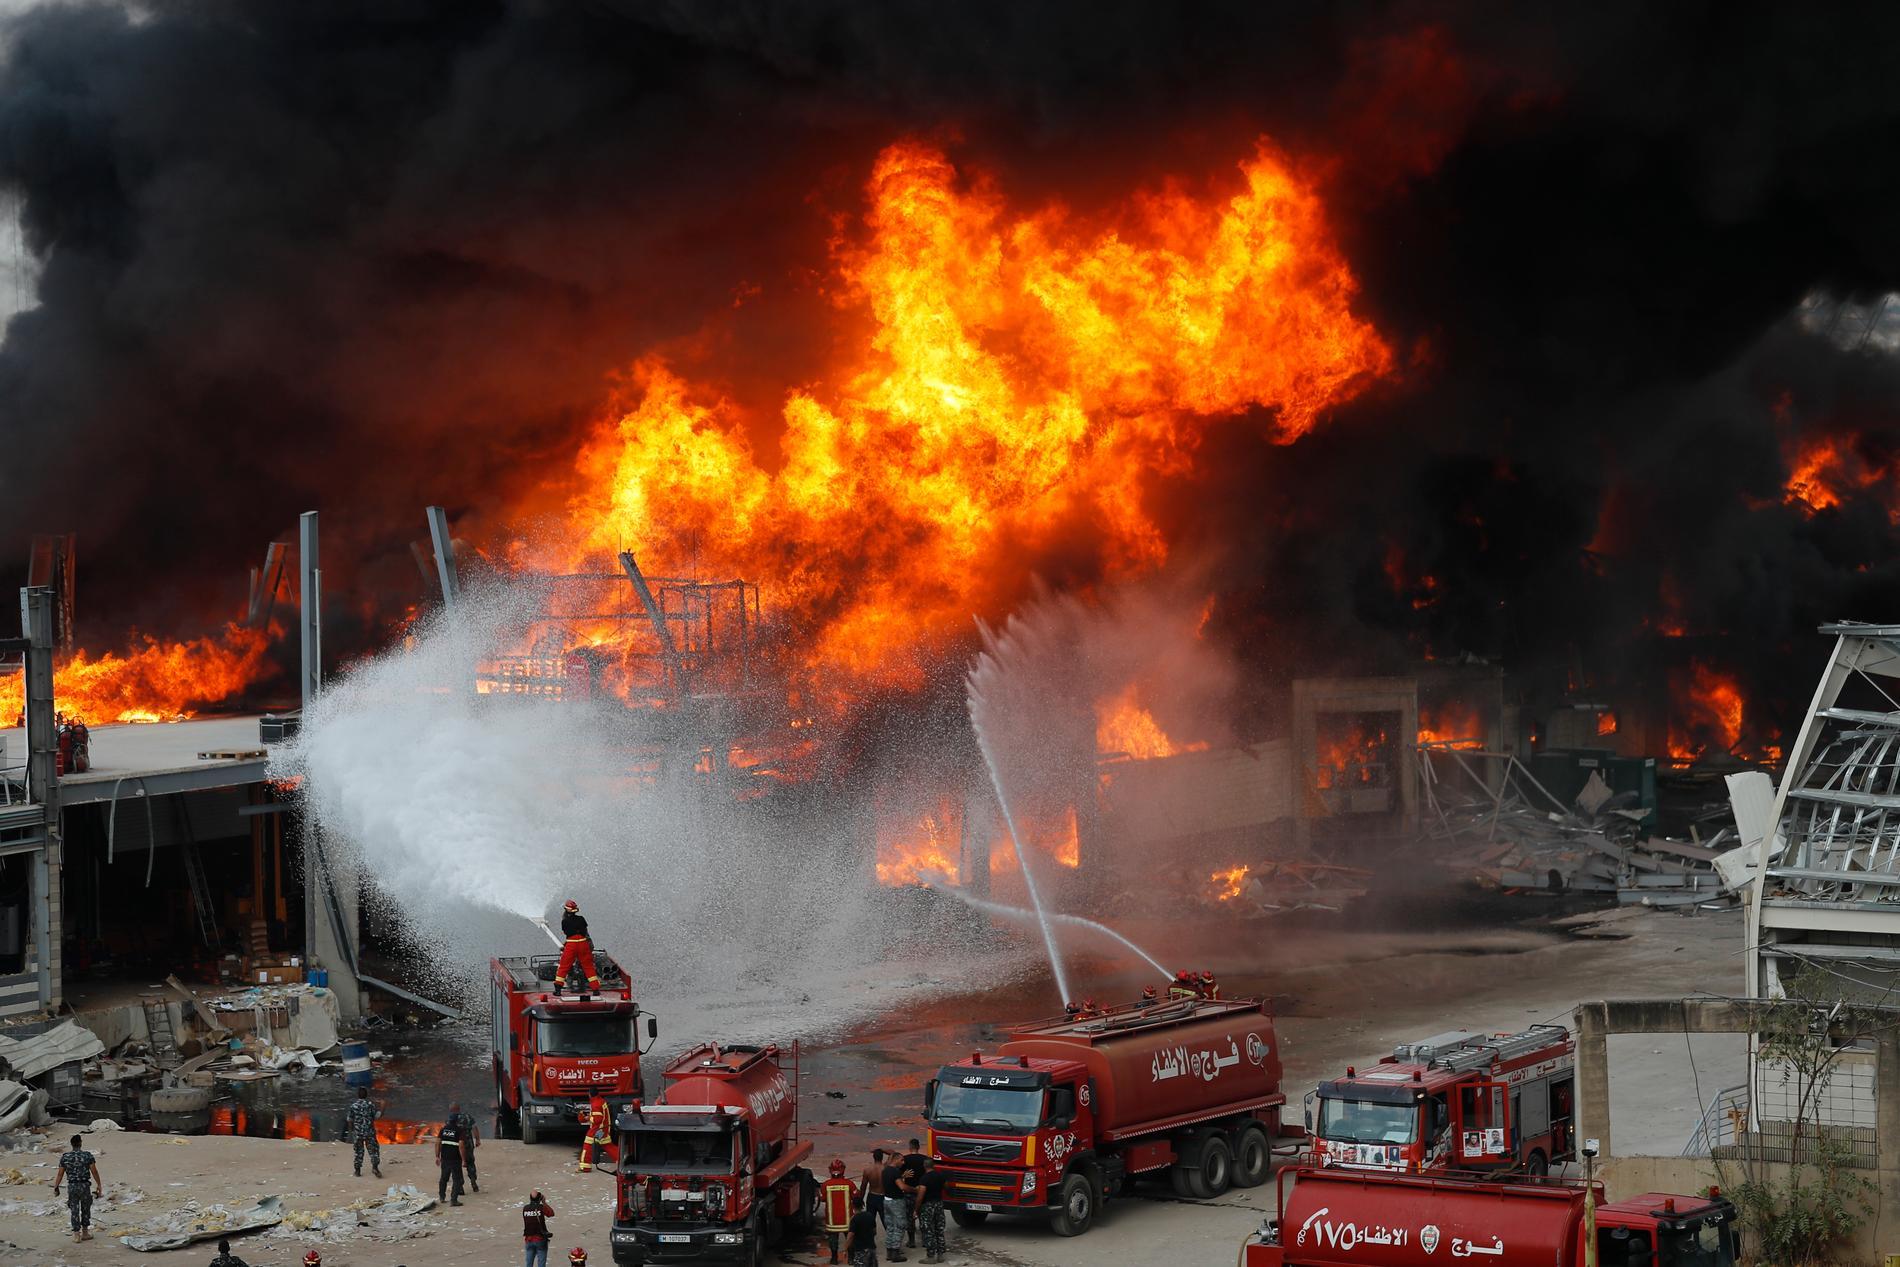 Det intensiva släckningsarbetet efter explosionen.